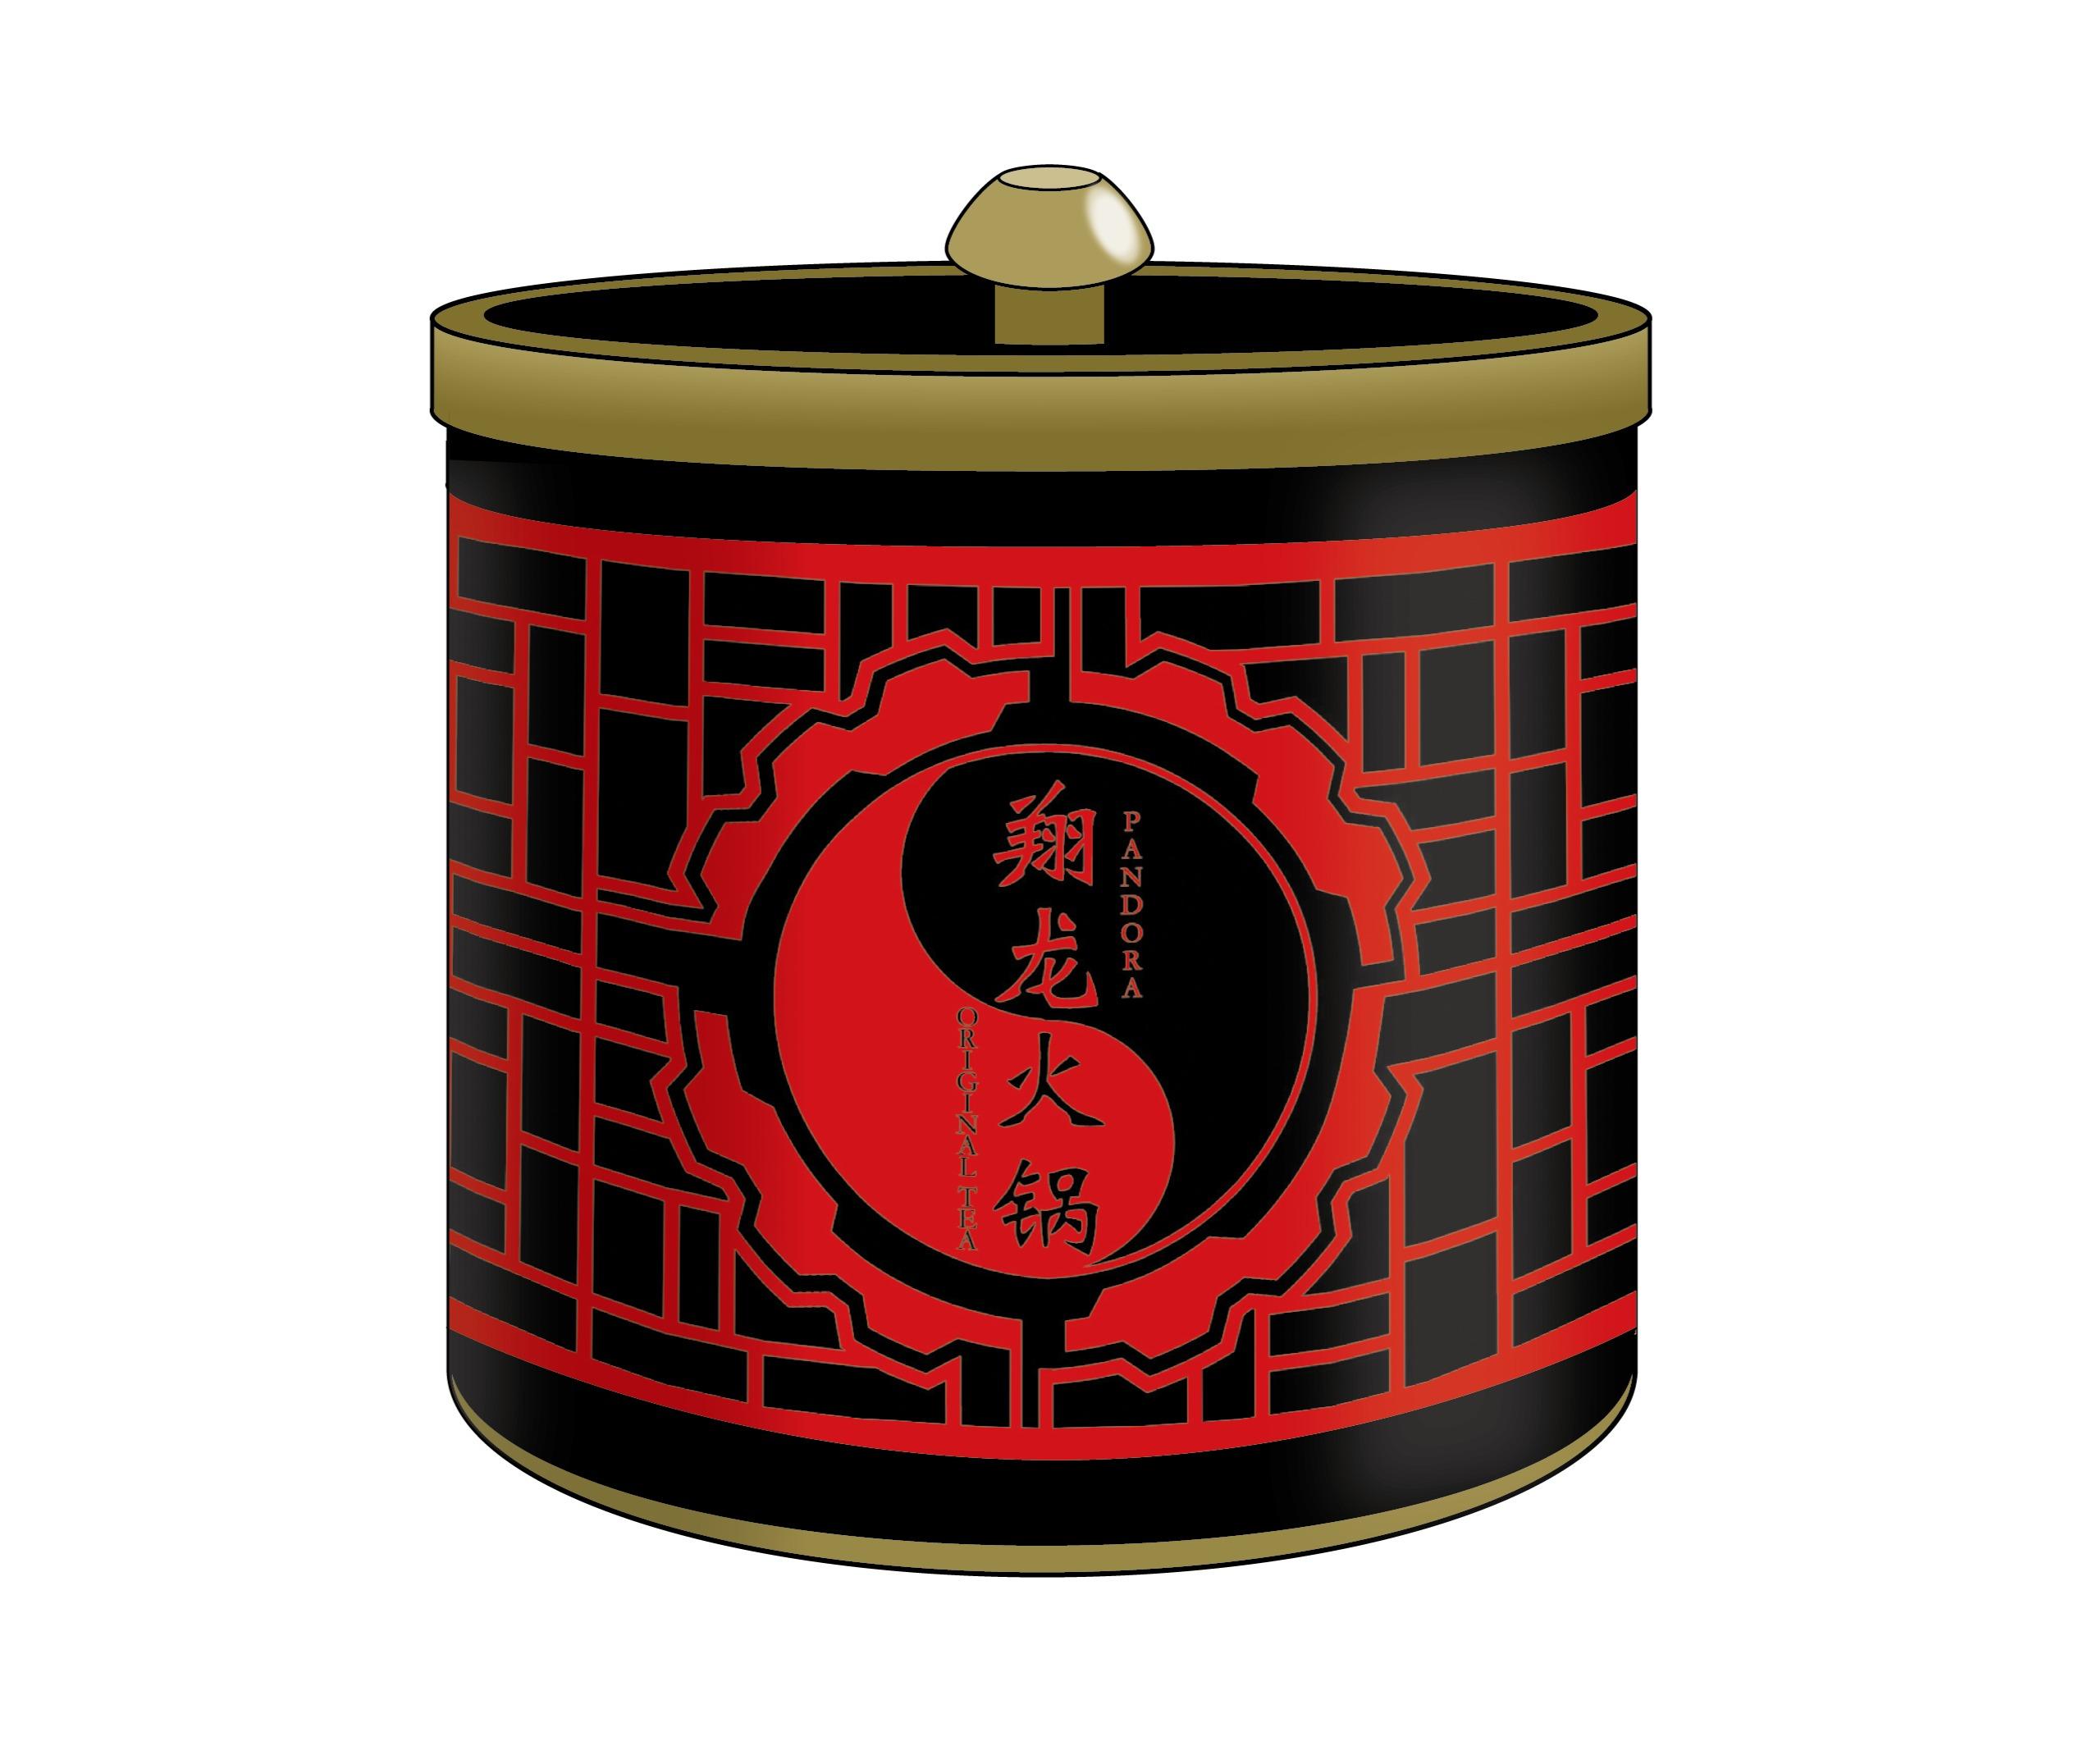 「翔龍火鍋」特製ウーロン茶トレーディング缶バッジ付き